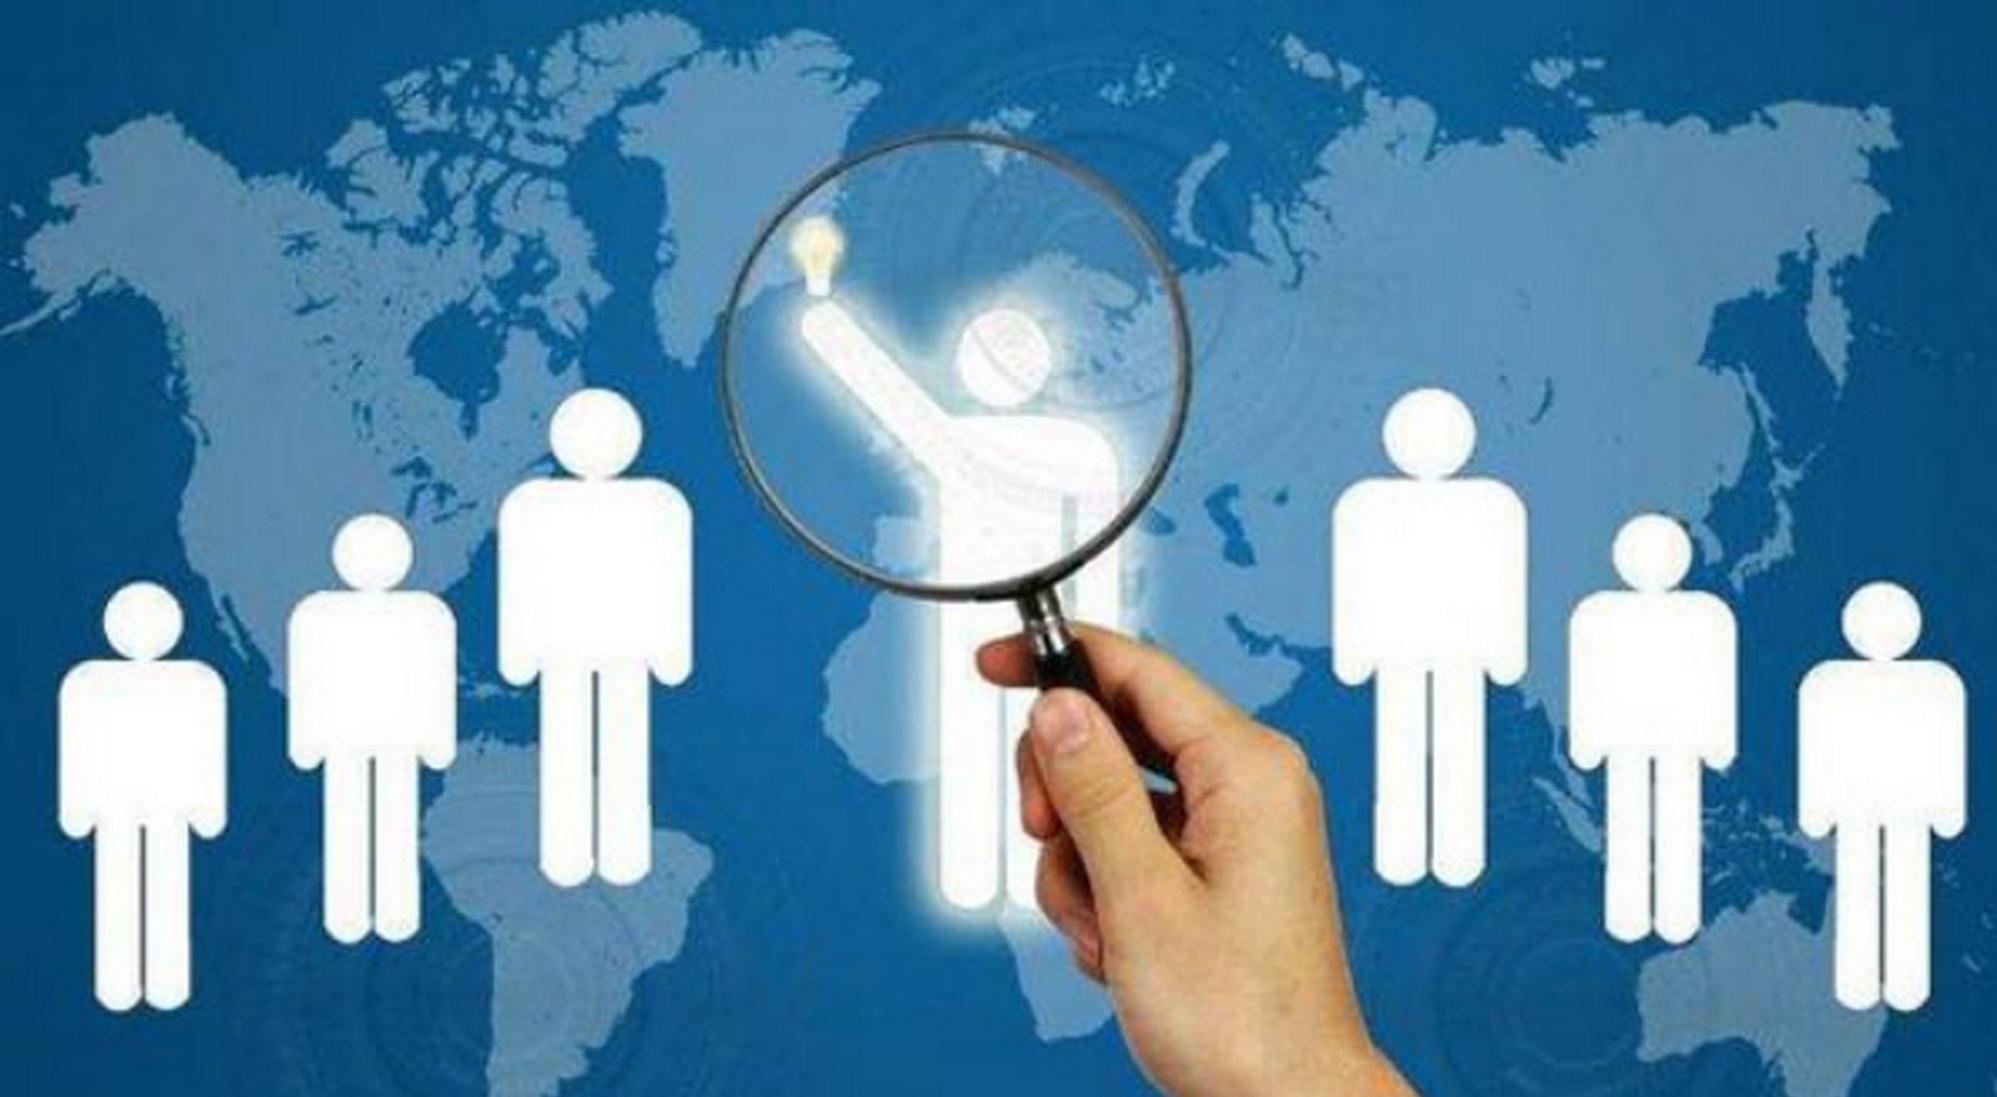 西安发布重点产业264个急需紧缺岗位 涵盖15个产业